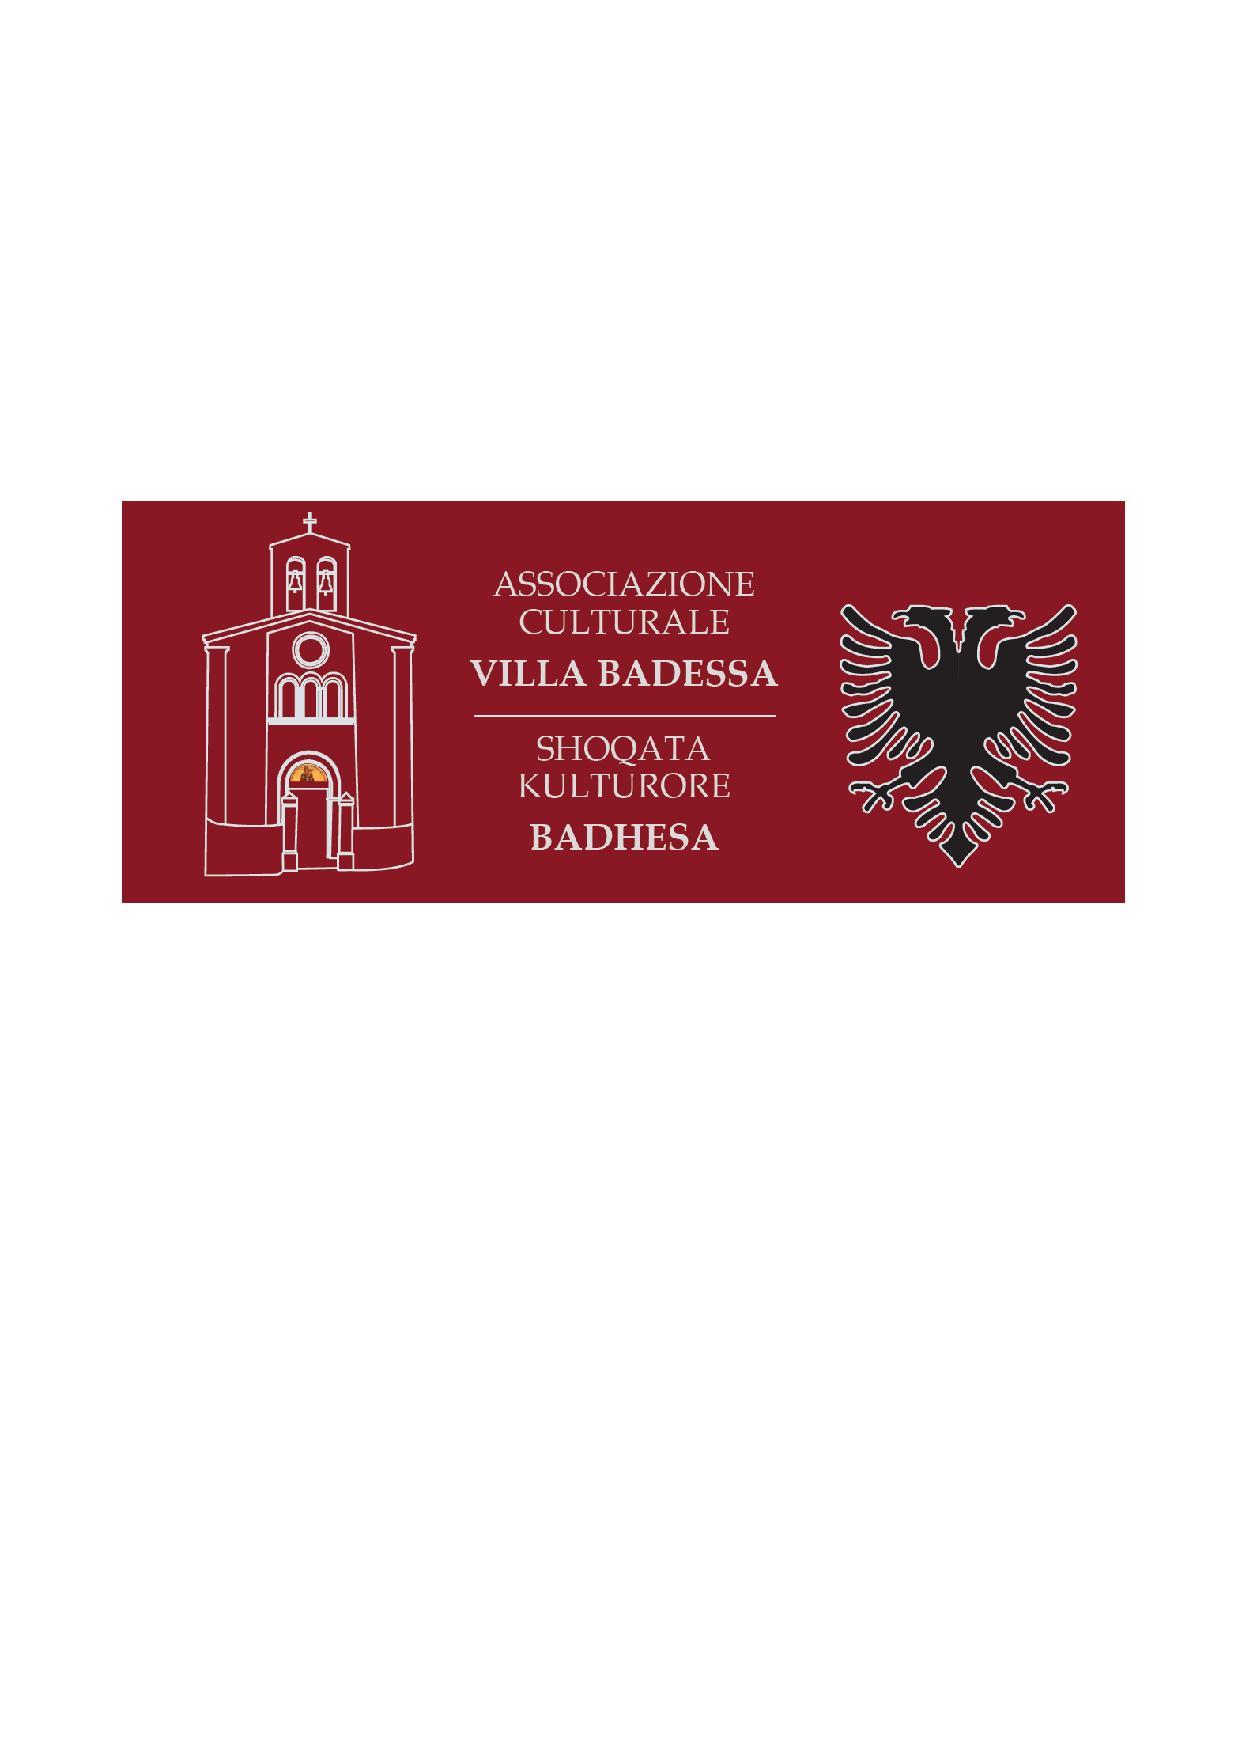 Logo Badessa riquadrato-page-001